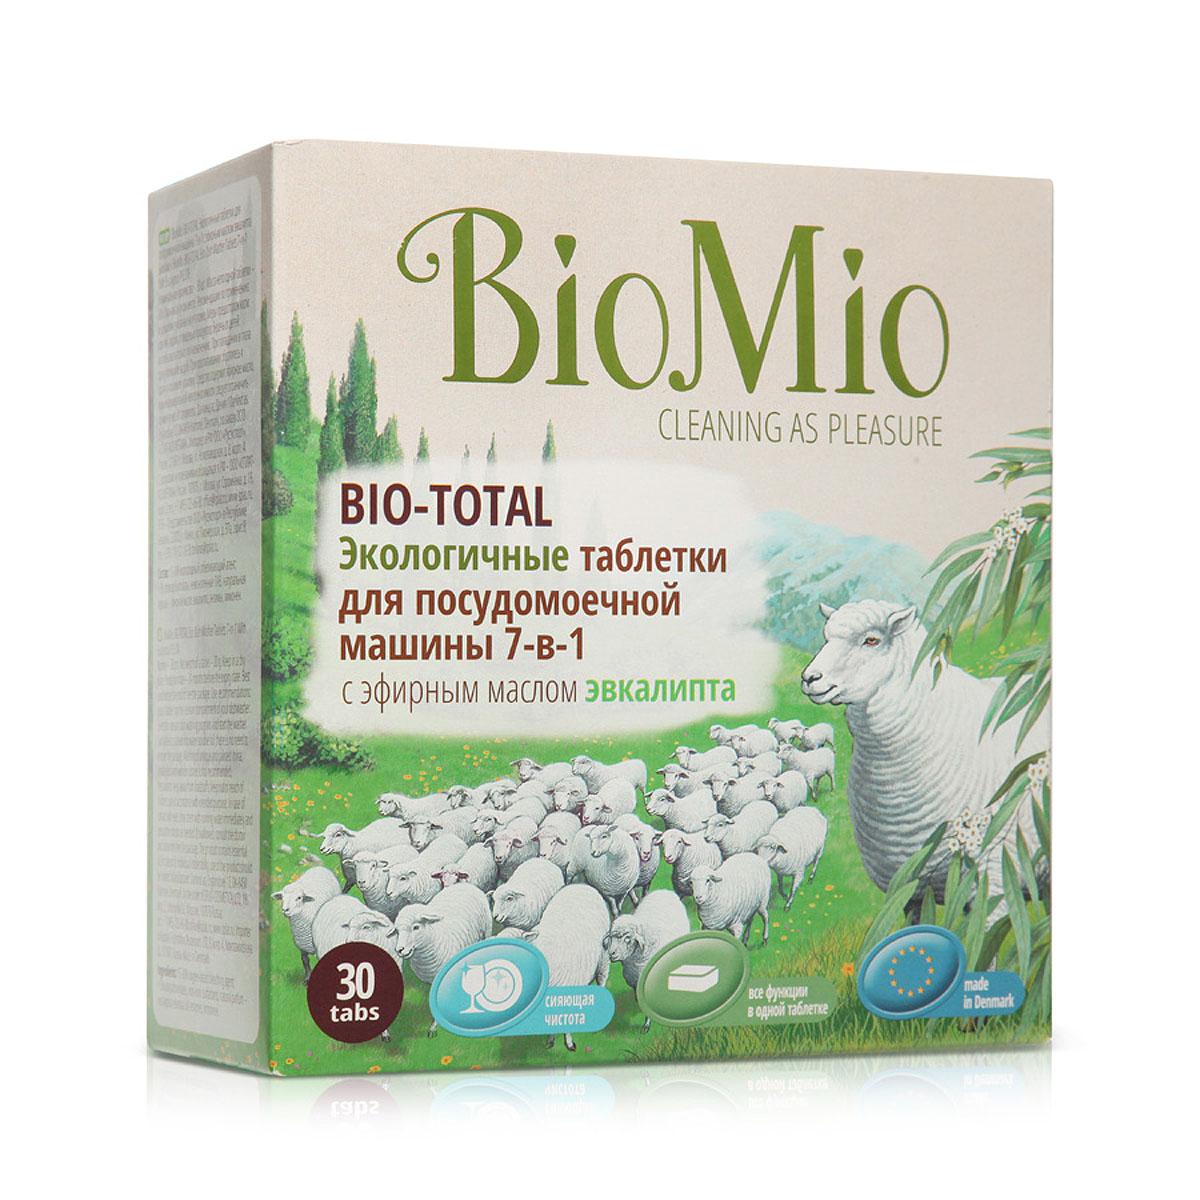 Таблетки для посудомоечной машины 7-в-1 BioMio, с эфирным маслом эвкалипта, 30 штТП-417Экологичные таблетки для посудомоечной машины 7-в-1 BioMio эффективно и деликатно, с заботой о посуде, удаляют самые стойкие загрязнения даже при низких температурах. Ополаскиватель придает дополнительный блеск и сияние стеклу, нержавеющей стали. Смягчает воду (функция соли), предупреждая образование известкового налета, способствуя более надежной и долговечной работе машины. Нейтрализуют запахи. Водорастворимая упаковка избавляет от необходимости удалять ее перед применением. Безопасны для планеты. Не содержат: фосфаты, агрессивные ПАВ, SLS/SLES, PEG, ЭДТА, DEA, хлор, искусственные ароматизаторы. BioMio - линейка эффективных средств для дома, использование которых приносит только удовольствие. Уборка помогает не только очистить и гармонизировать свое пространство, но и себя, свои мысли, поэтому важно ее делать с радостью. Средства, созданные с любовью и заботой, помогут в этом и идеально справятся с загрязнениями, оставаясь при этом абсолютно...